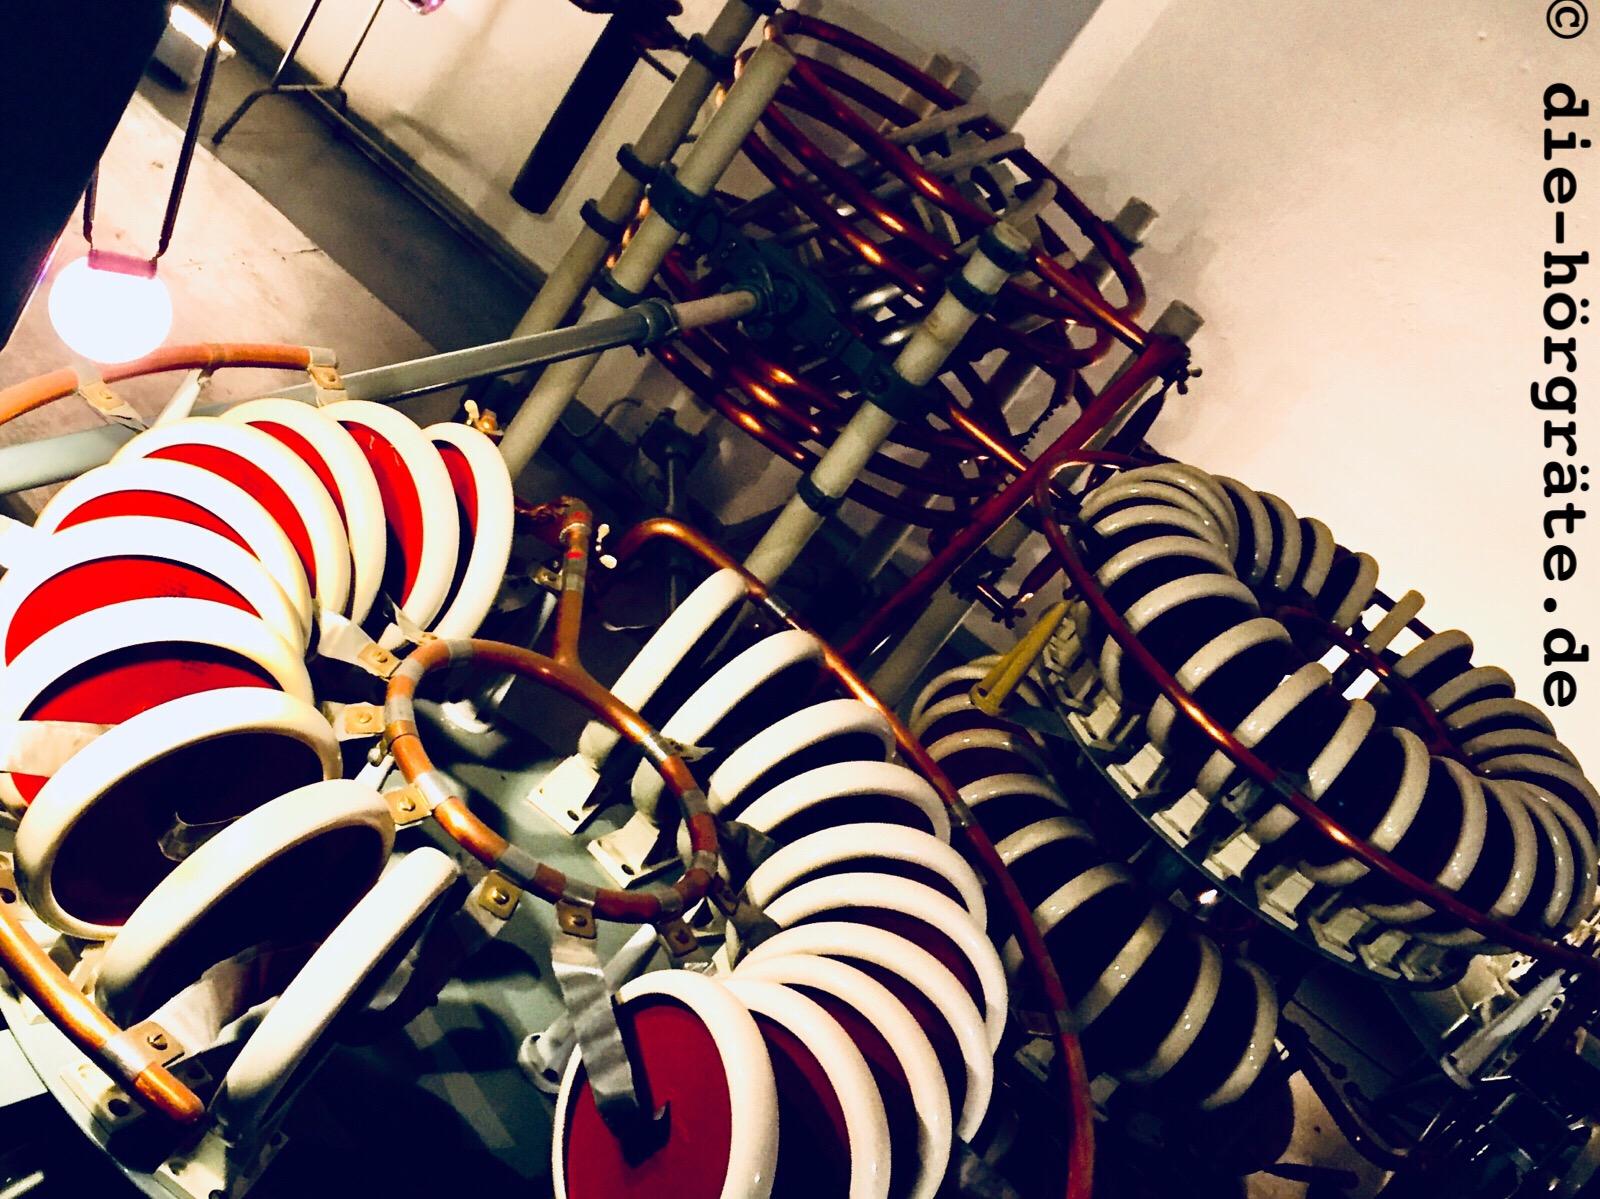 technische Dinge, runde, schöne rote Scheiben, die zu Kreisen angeordnet sind und ein bisschen wie die Räder von Kinderrollern aussehen, dazu schön glänzende Kupferrohre